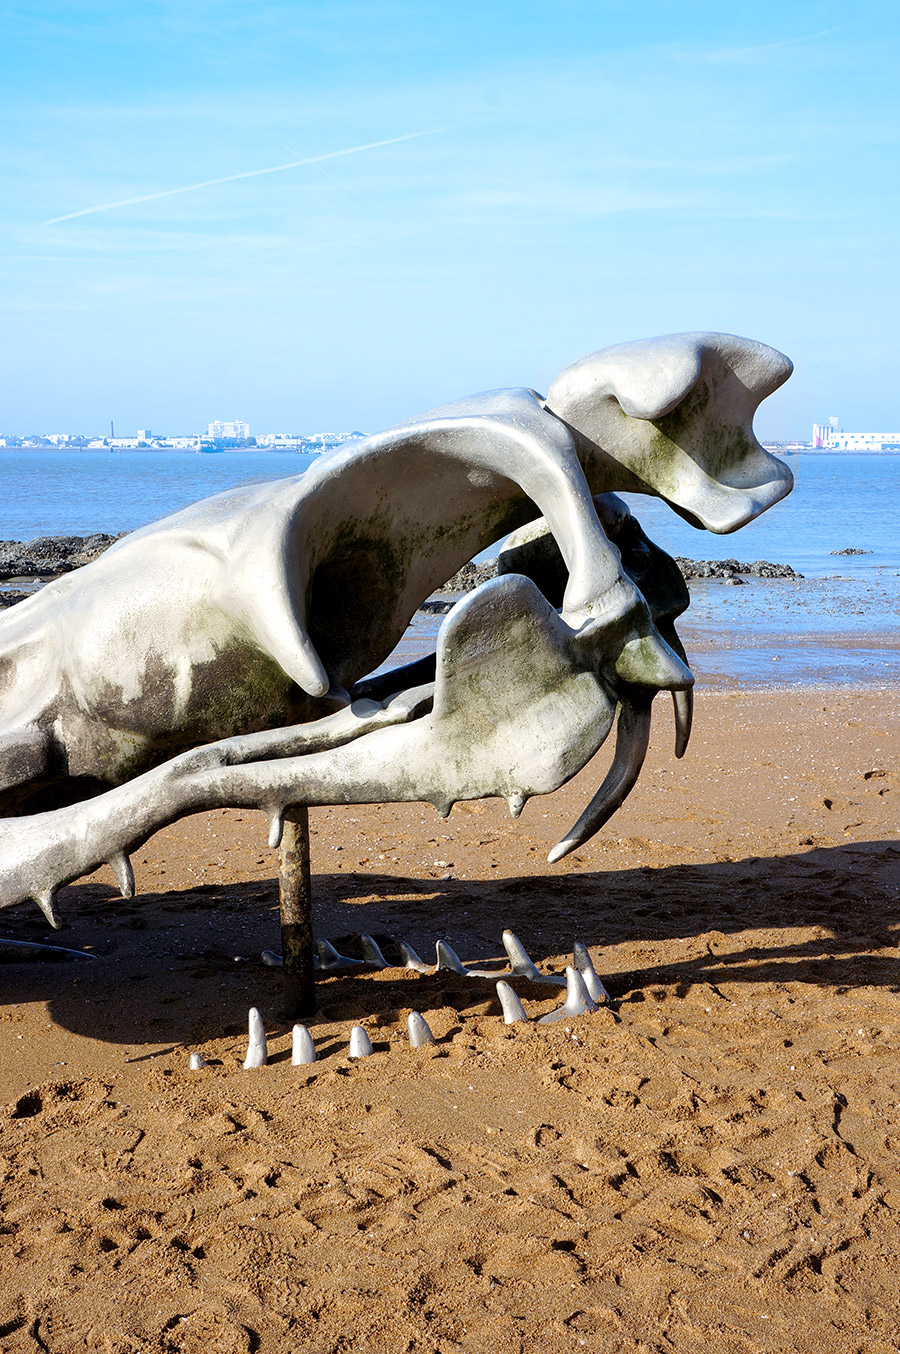 Serpent d'océan de l'artiste Huang Yong Ping